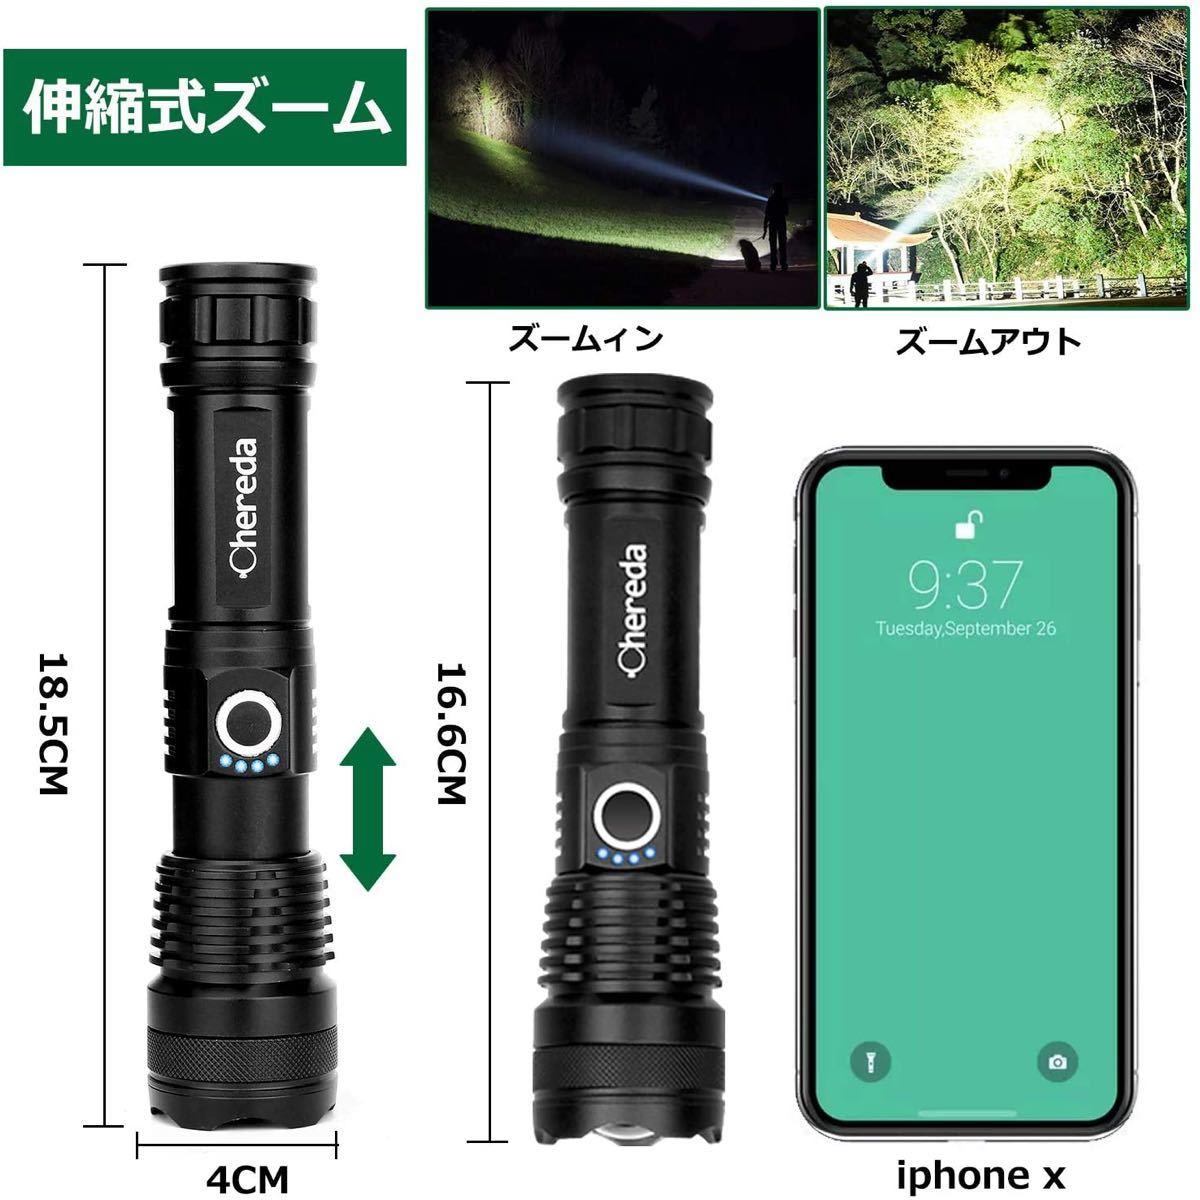 懐中電灯 LED USB充電式 5モード調光 超高輝度 フラッシュライト 合金製